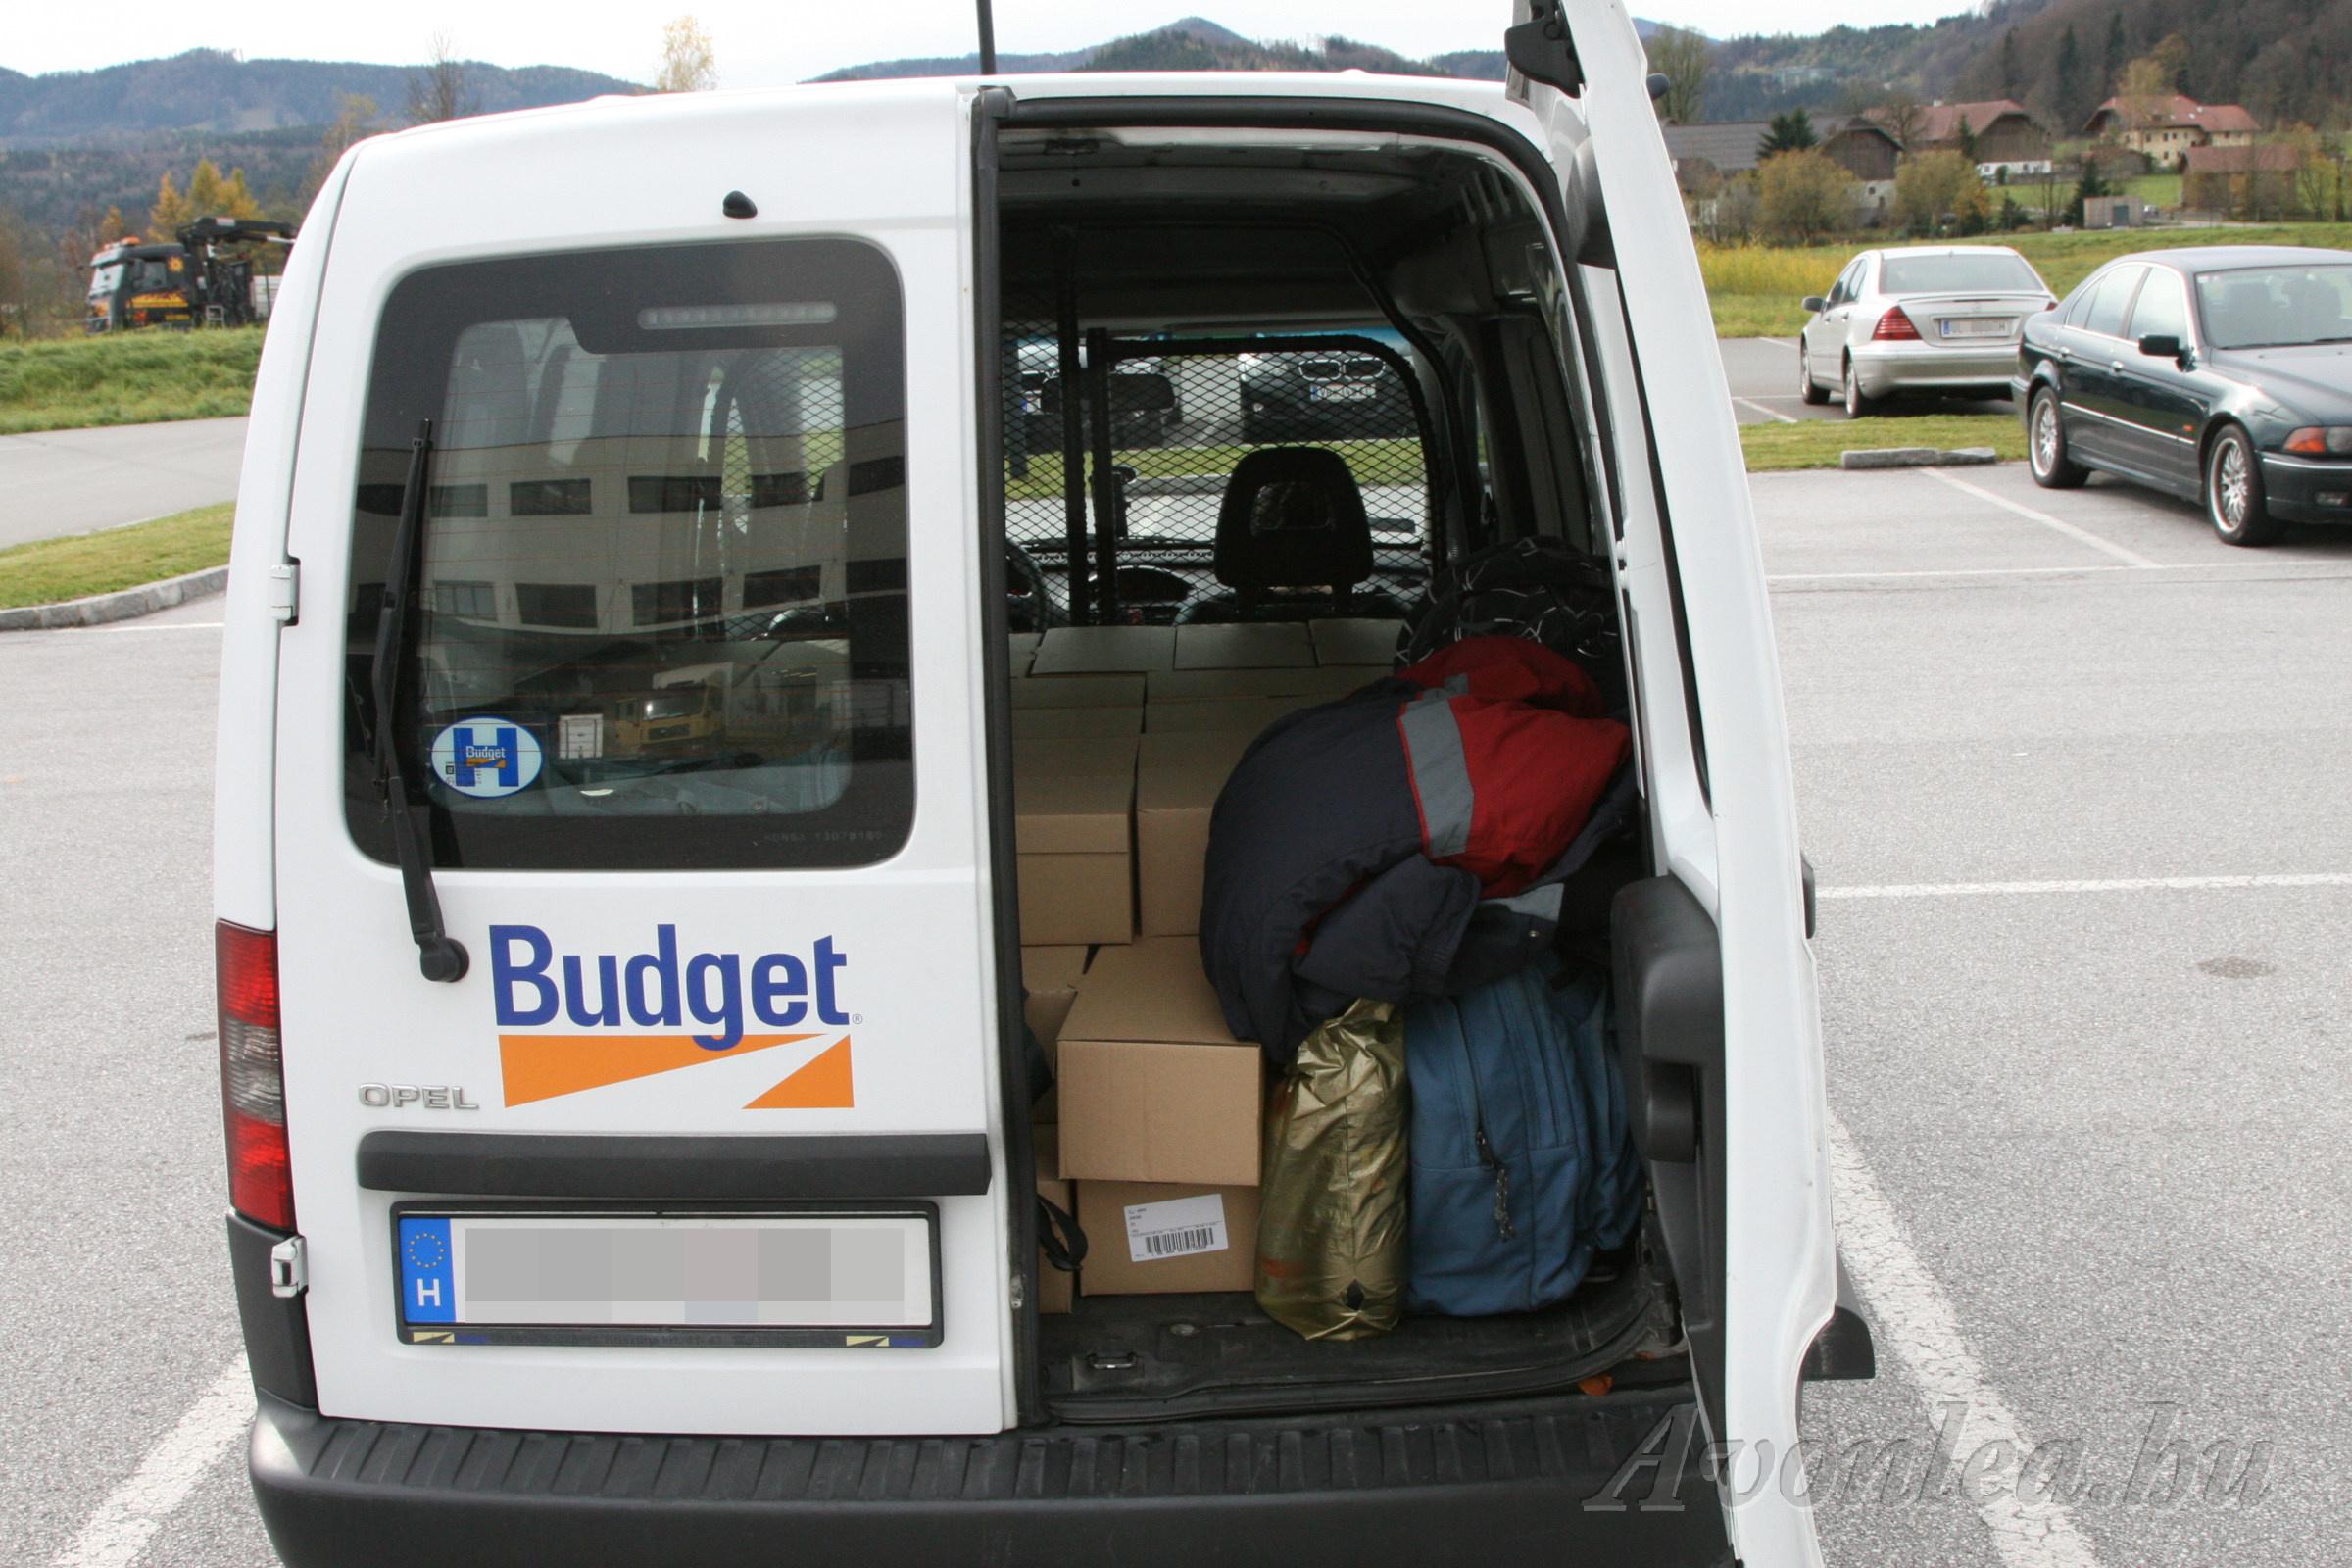 Anna DVD-k a szállításhoz bérelt autóban